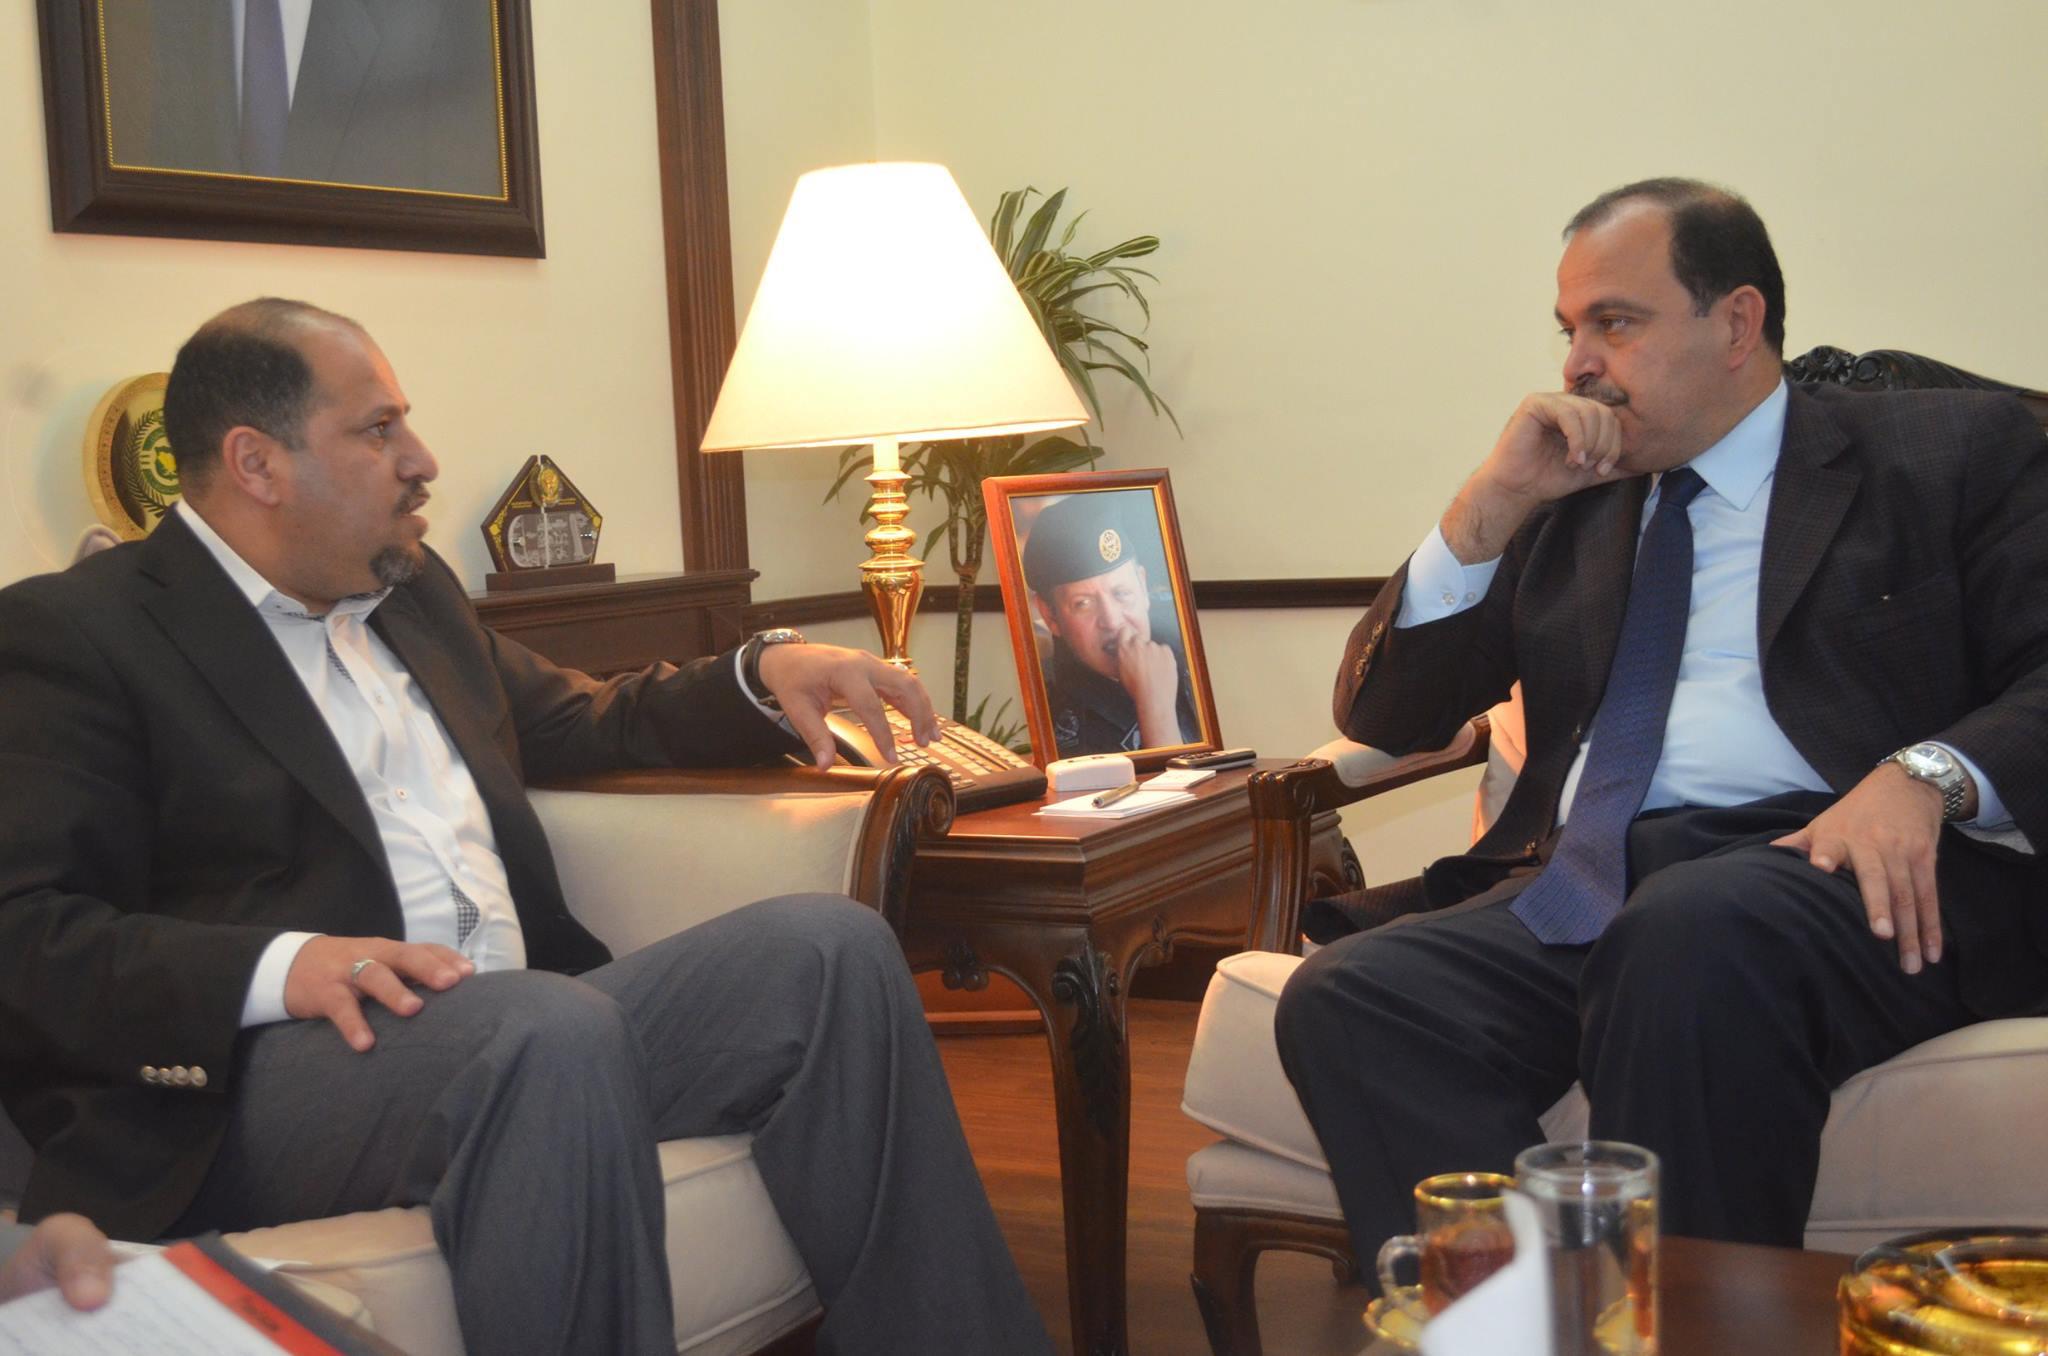 """وزير الداخلية لـ""""سرايا"""" : النسور استاذي ولا خلاف مع ناصر جوده وهذه قصة مدن اللاجئين في الأزرق"""